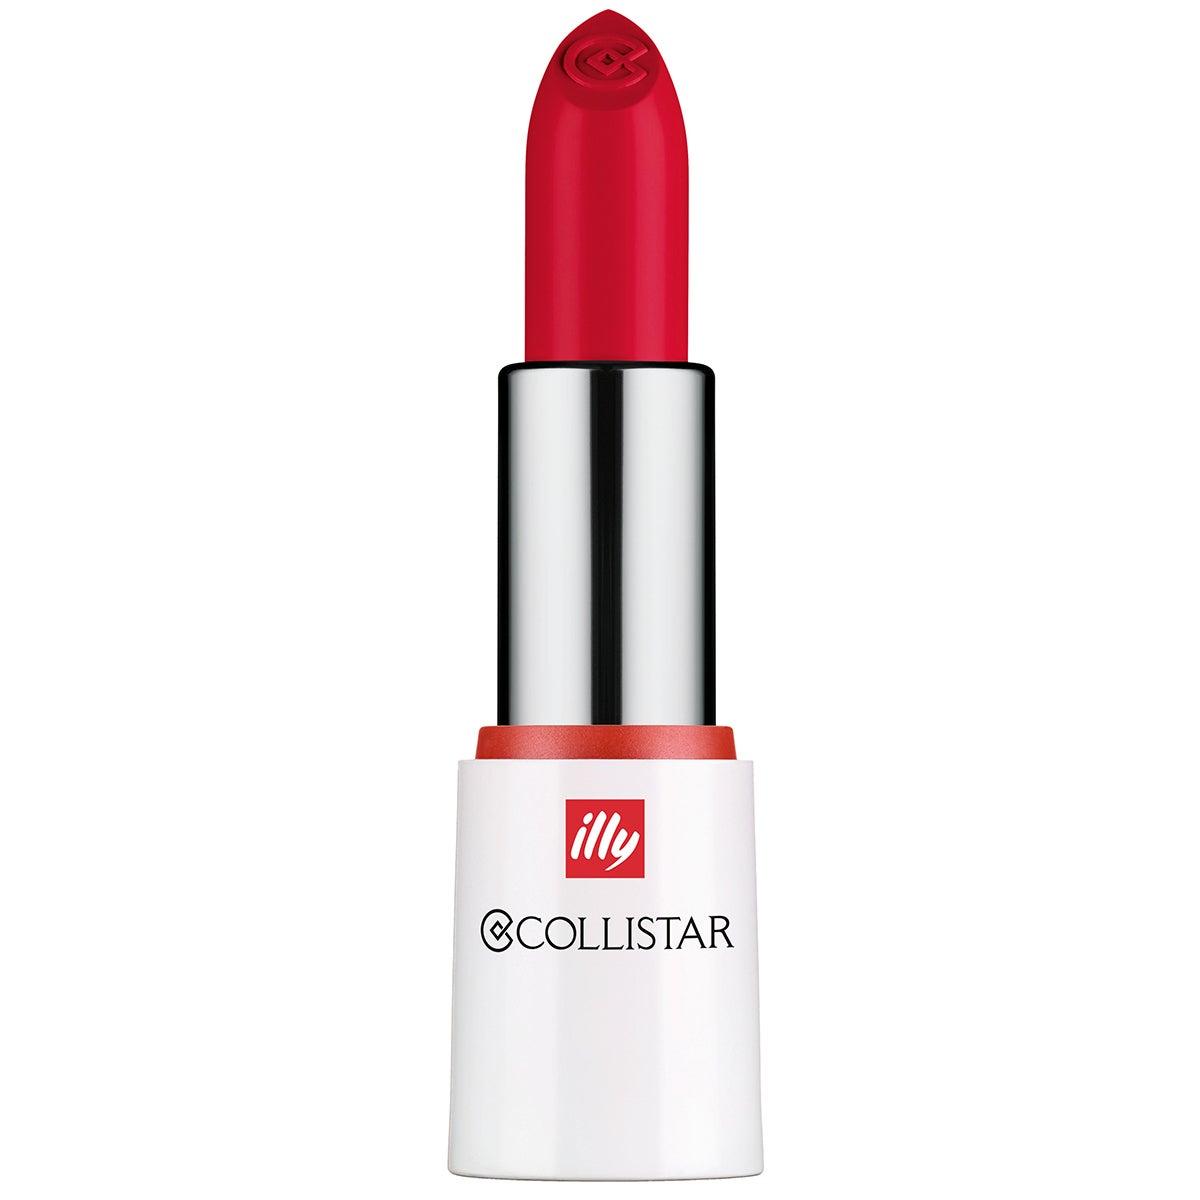 Puro Lipstick Collezione Caffè Collistar Läppstift